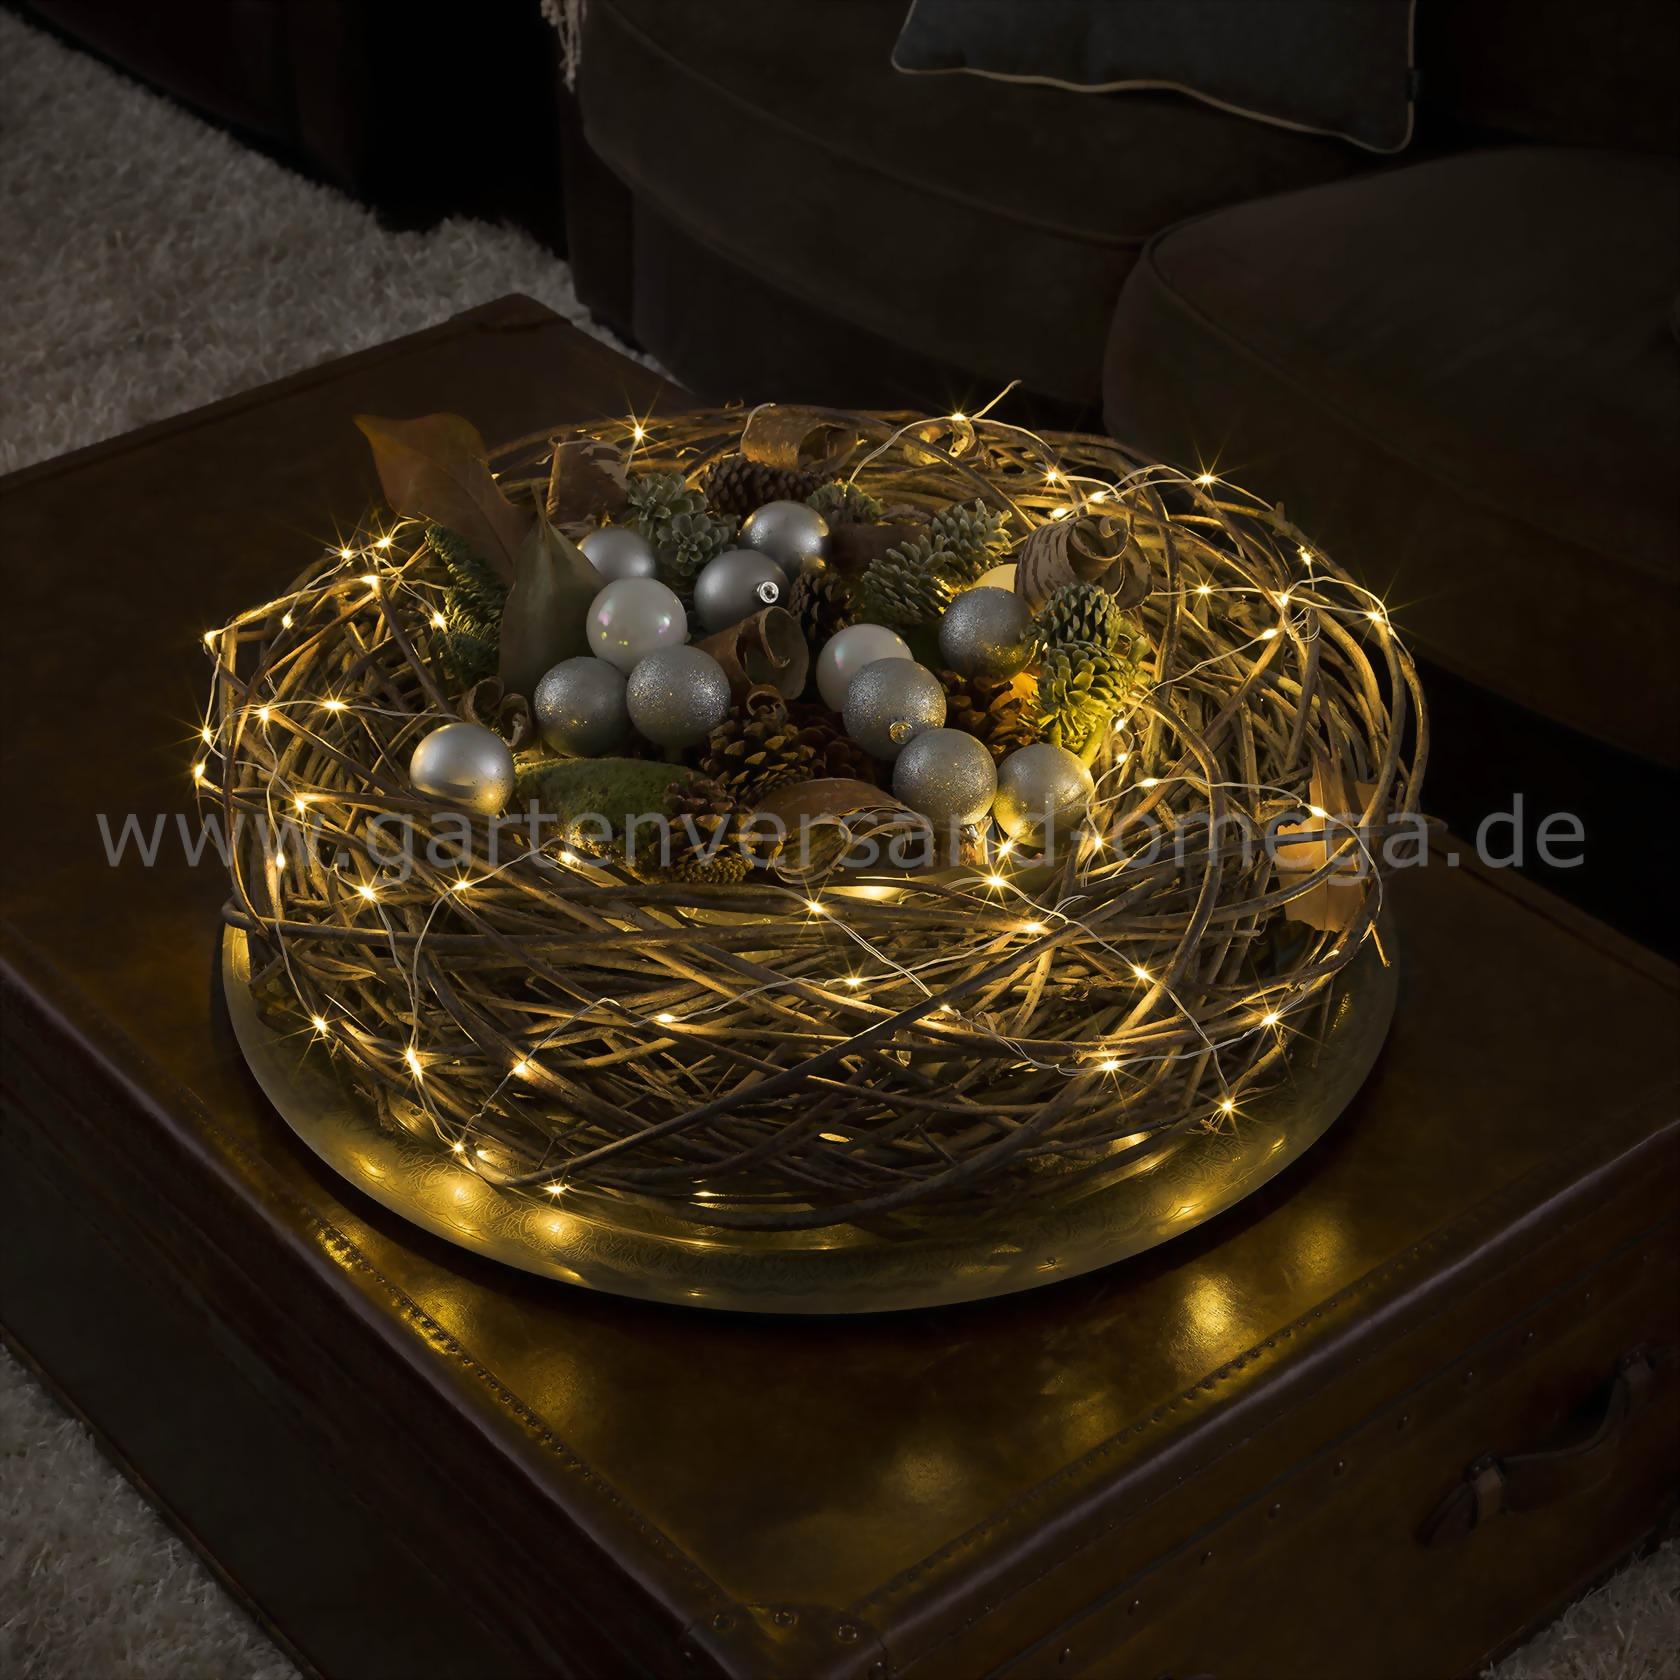 led tropfenlichterkette warm wei mit wei em drahtkabel zur dekorationsbeleuchtung f r. Black Bedroom Furniture Sets. Home Design Ideas